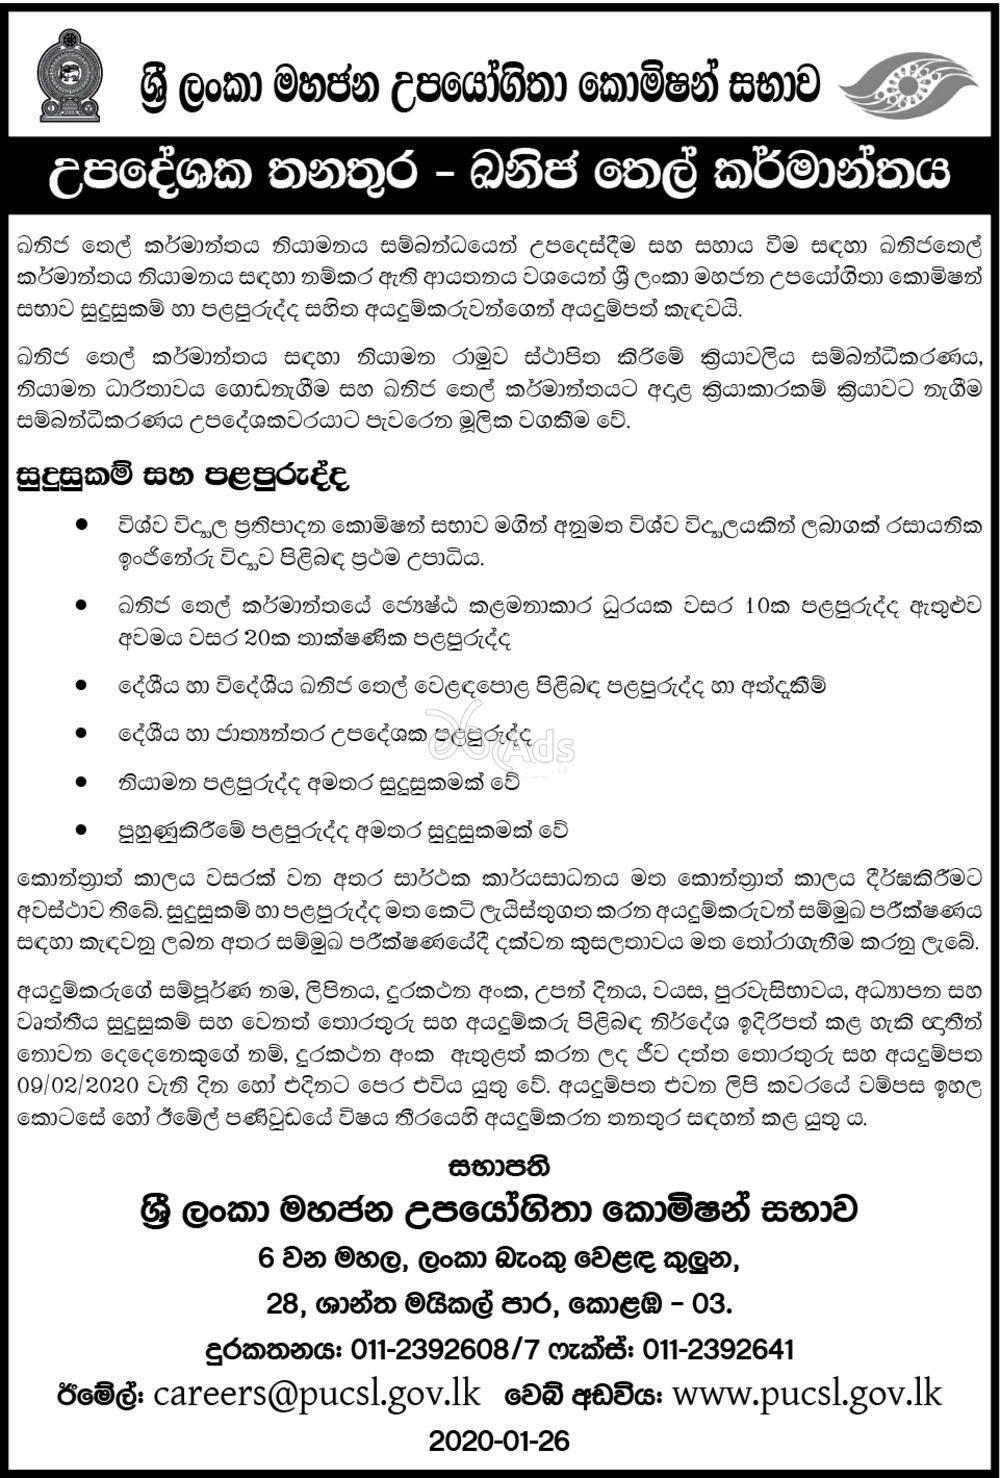 Consultant (Petroleum industry) - Public Utilities Commission of Sri Lanka